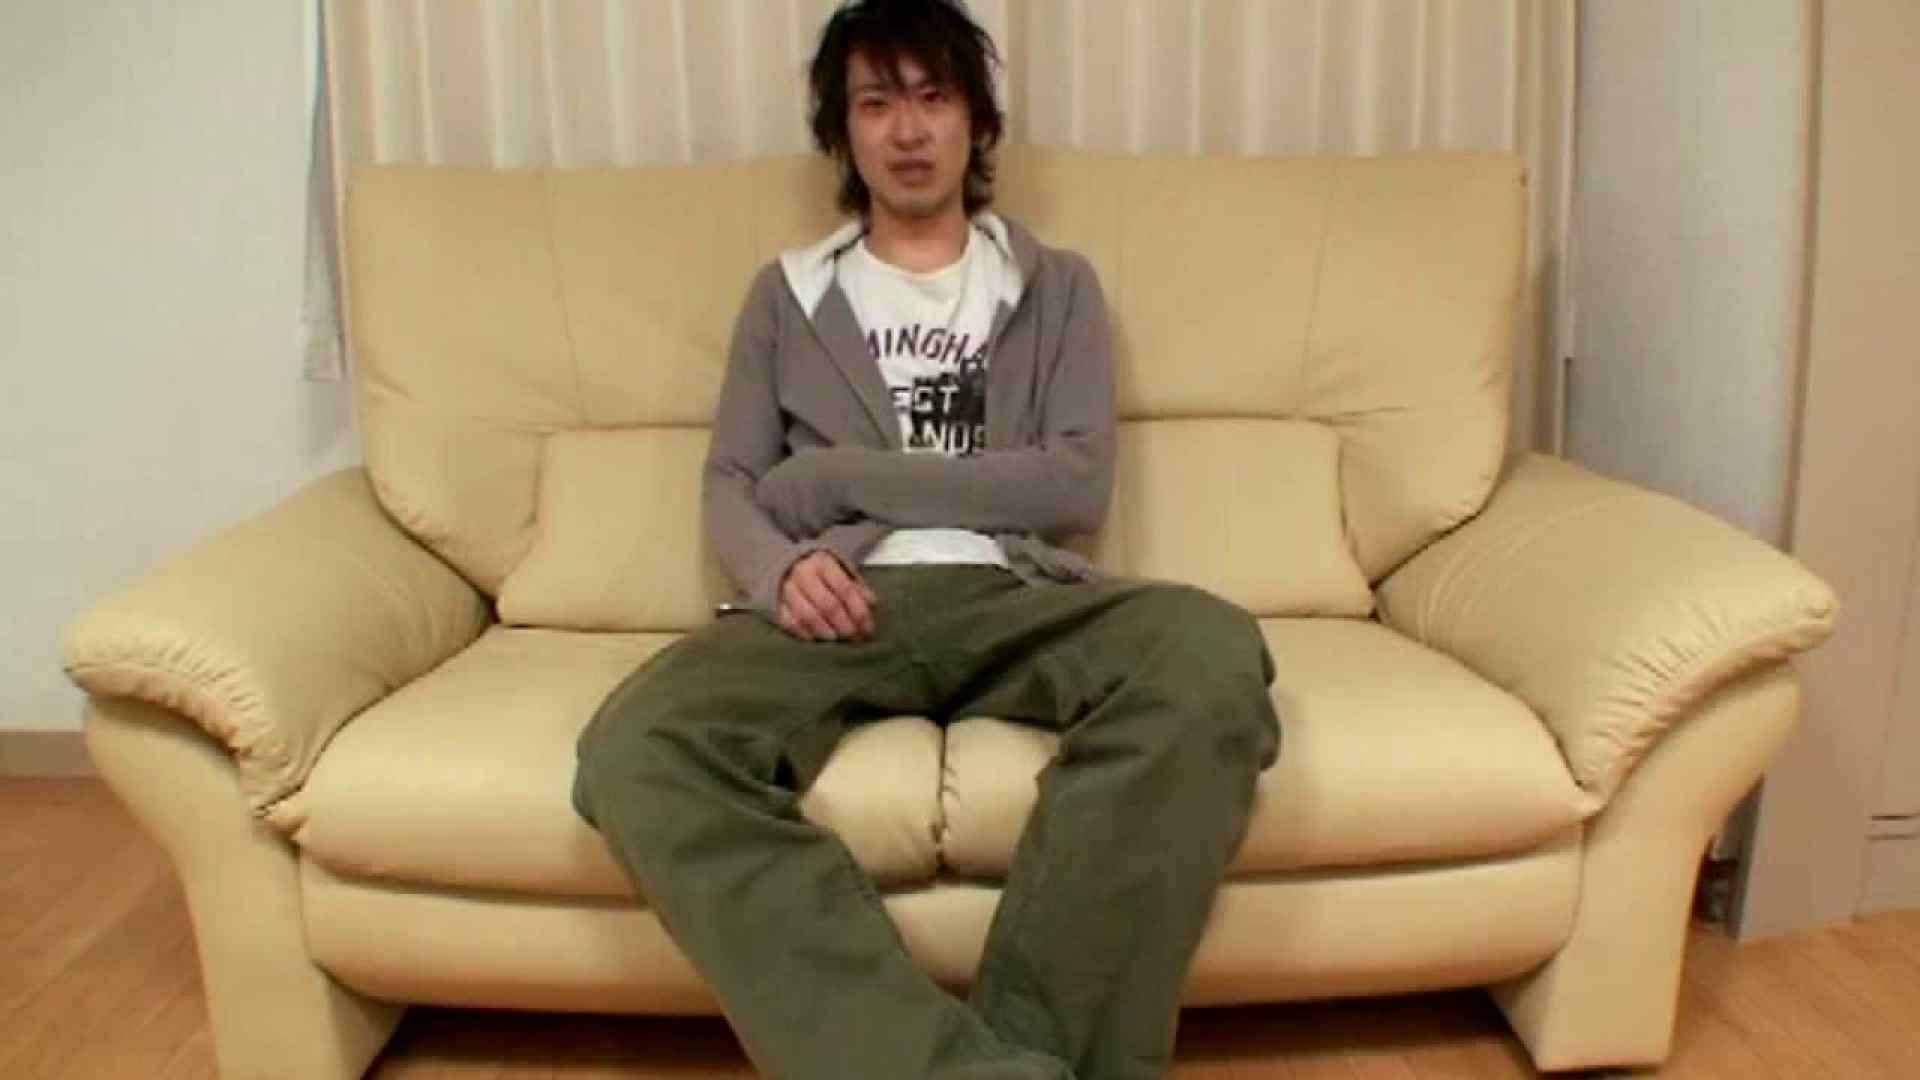 ノンケ!自慰スタジオ No.21 オナニー 男同士画像 107pic 42